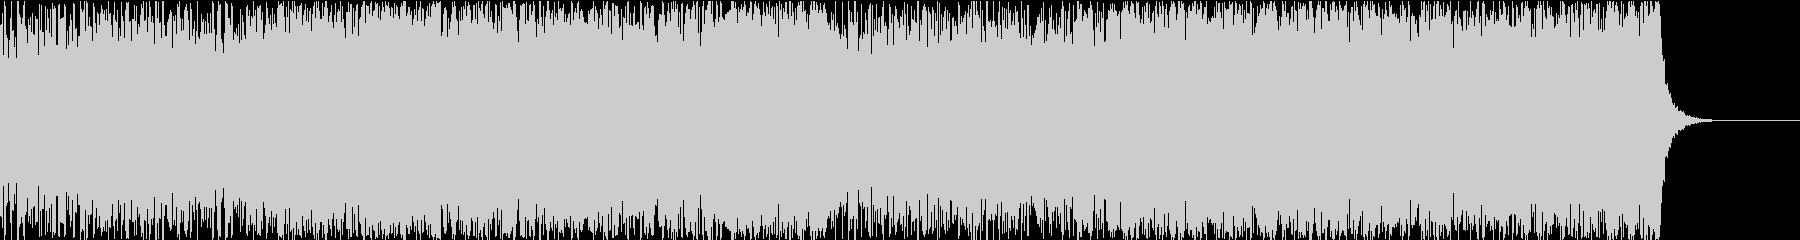 工場・基地・研究所 機械音+オーケストラの未再生の波形